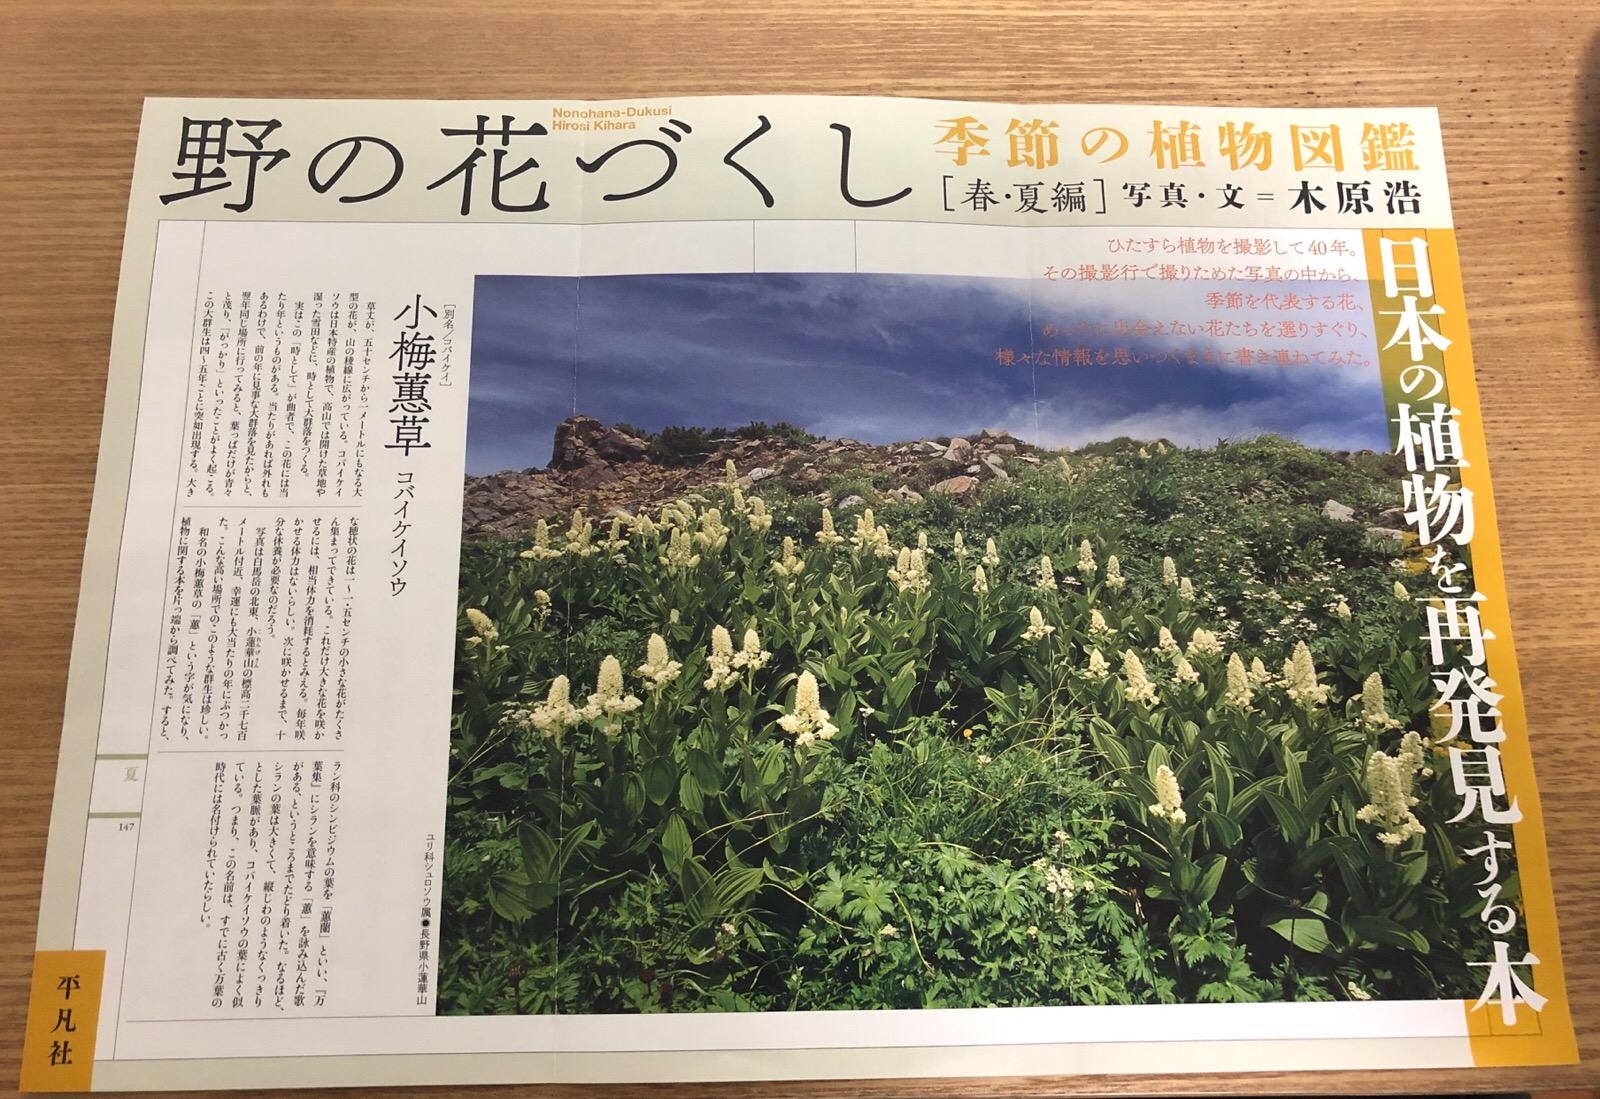 野の花づくし 季節の植物図鑑 [春・夏編] 写真・文=木原浩さん 2019年2月20日に刊行